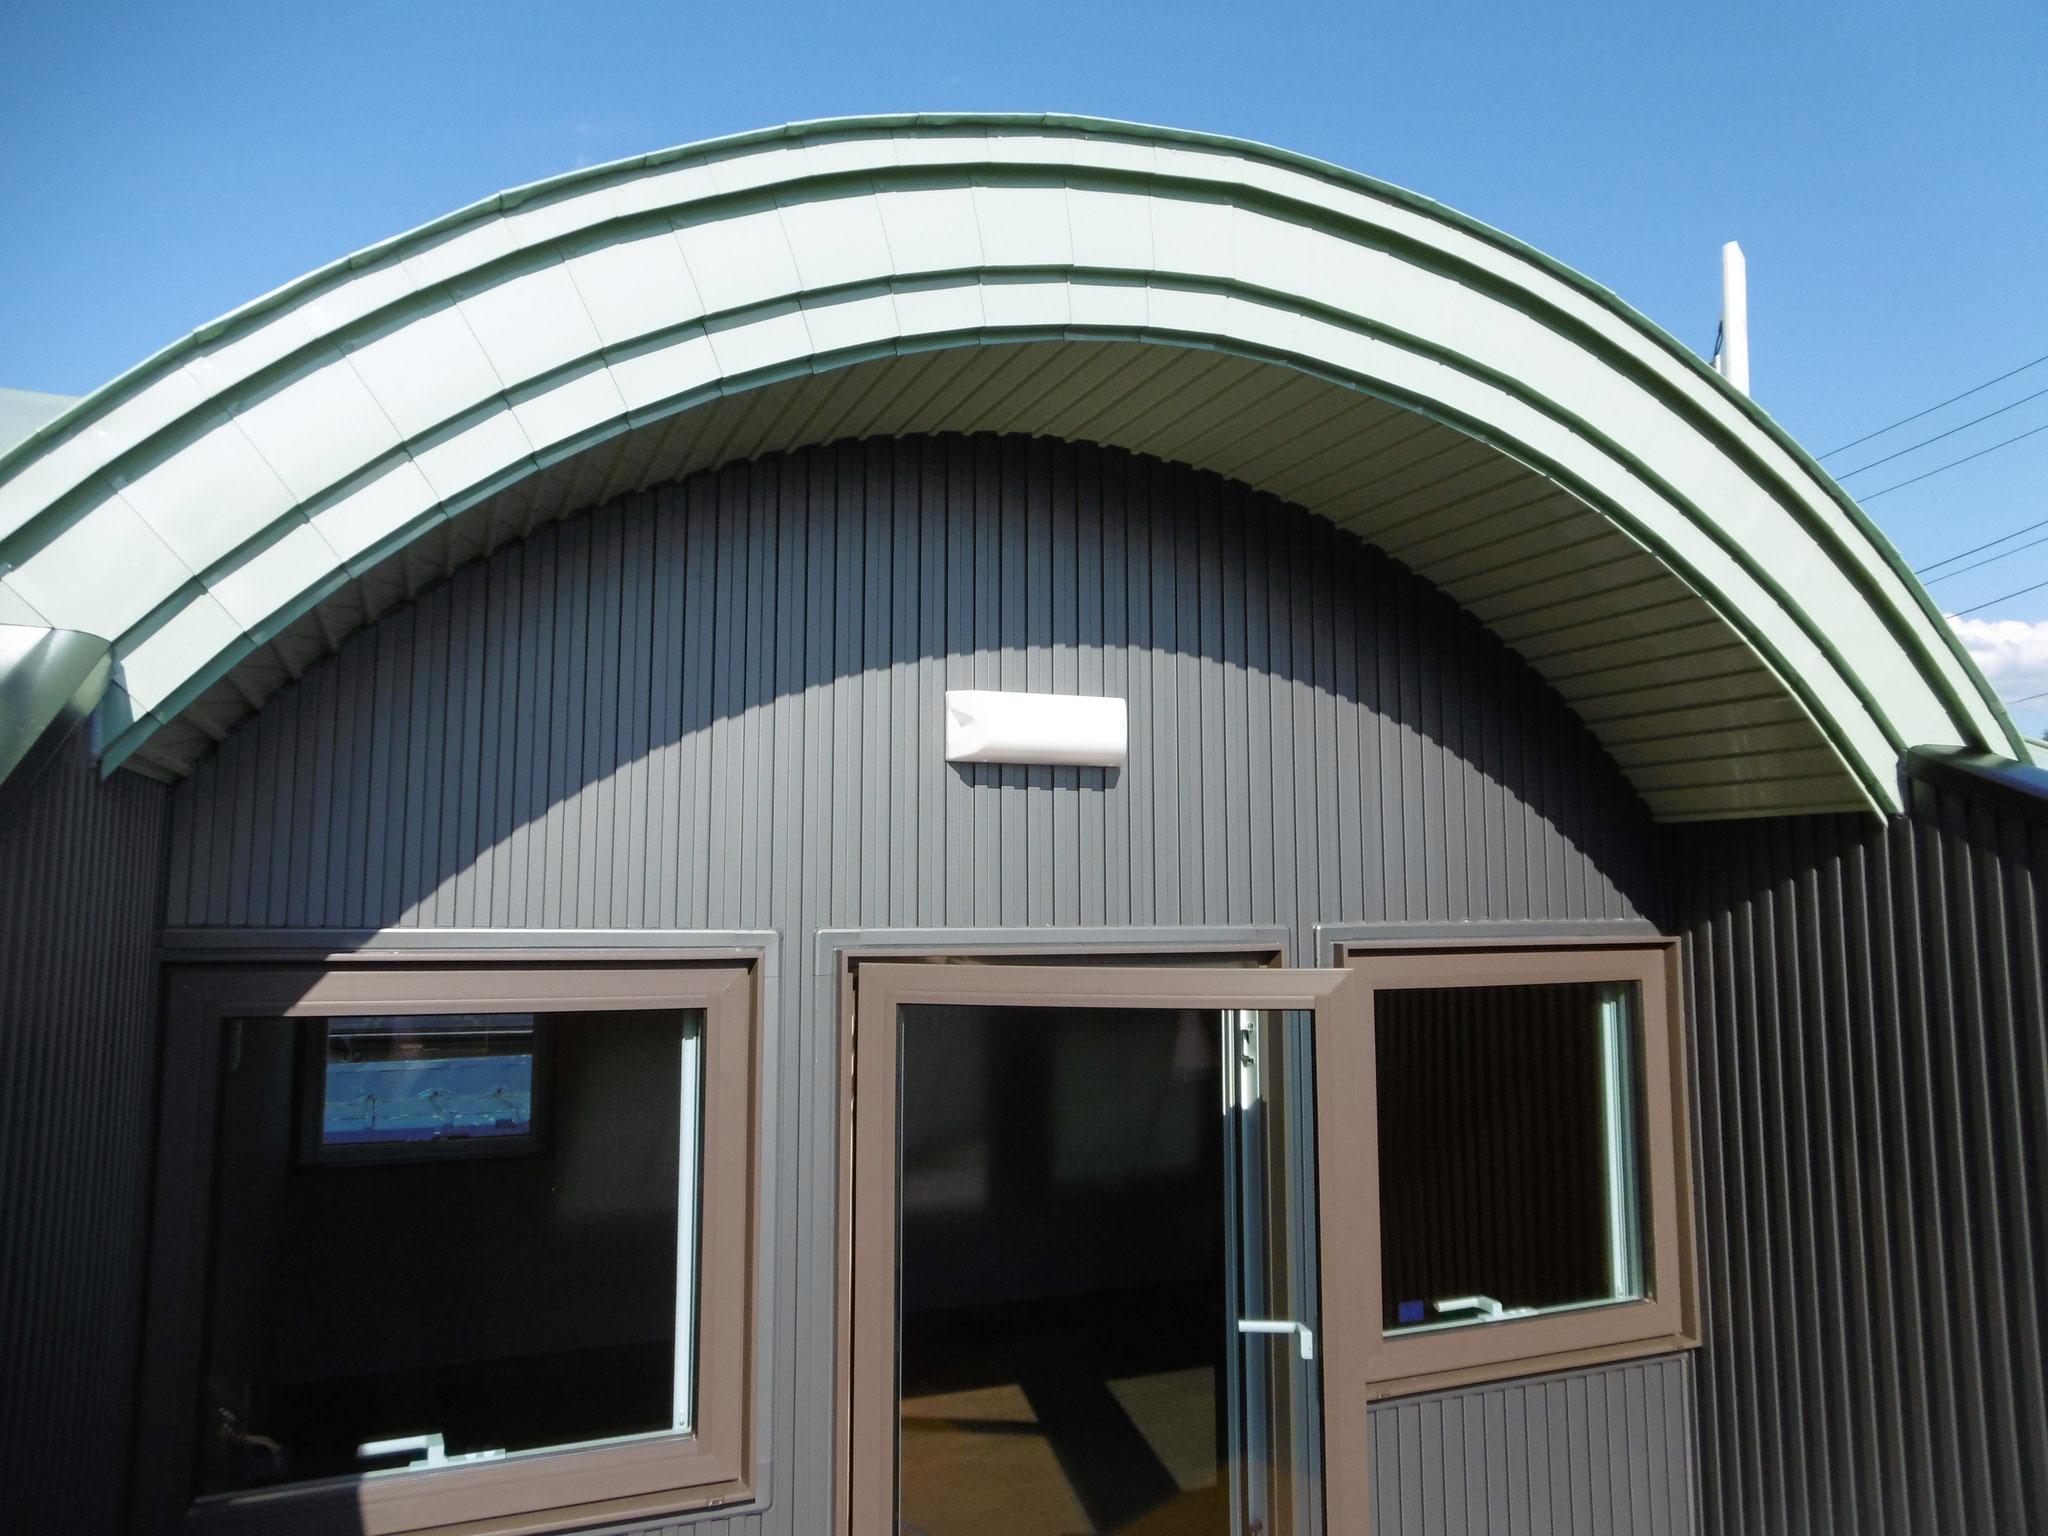 バルコニー上部の屋根は丸みを帯びてます